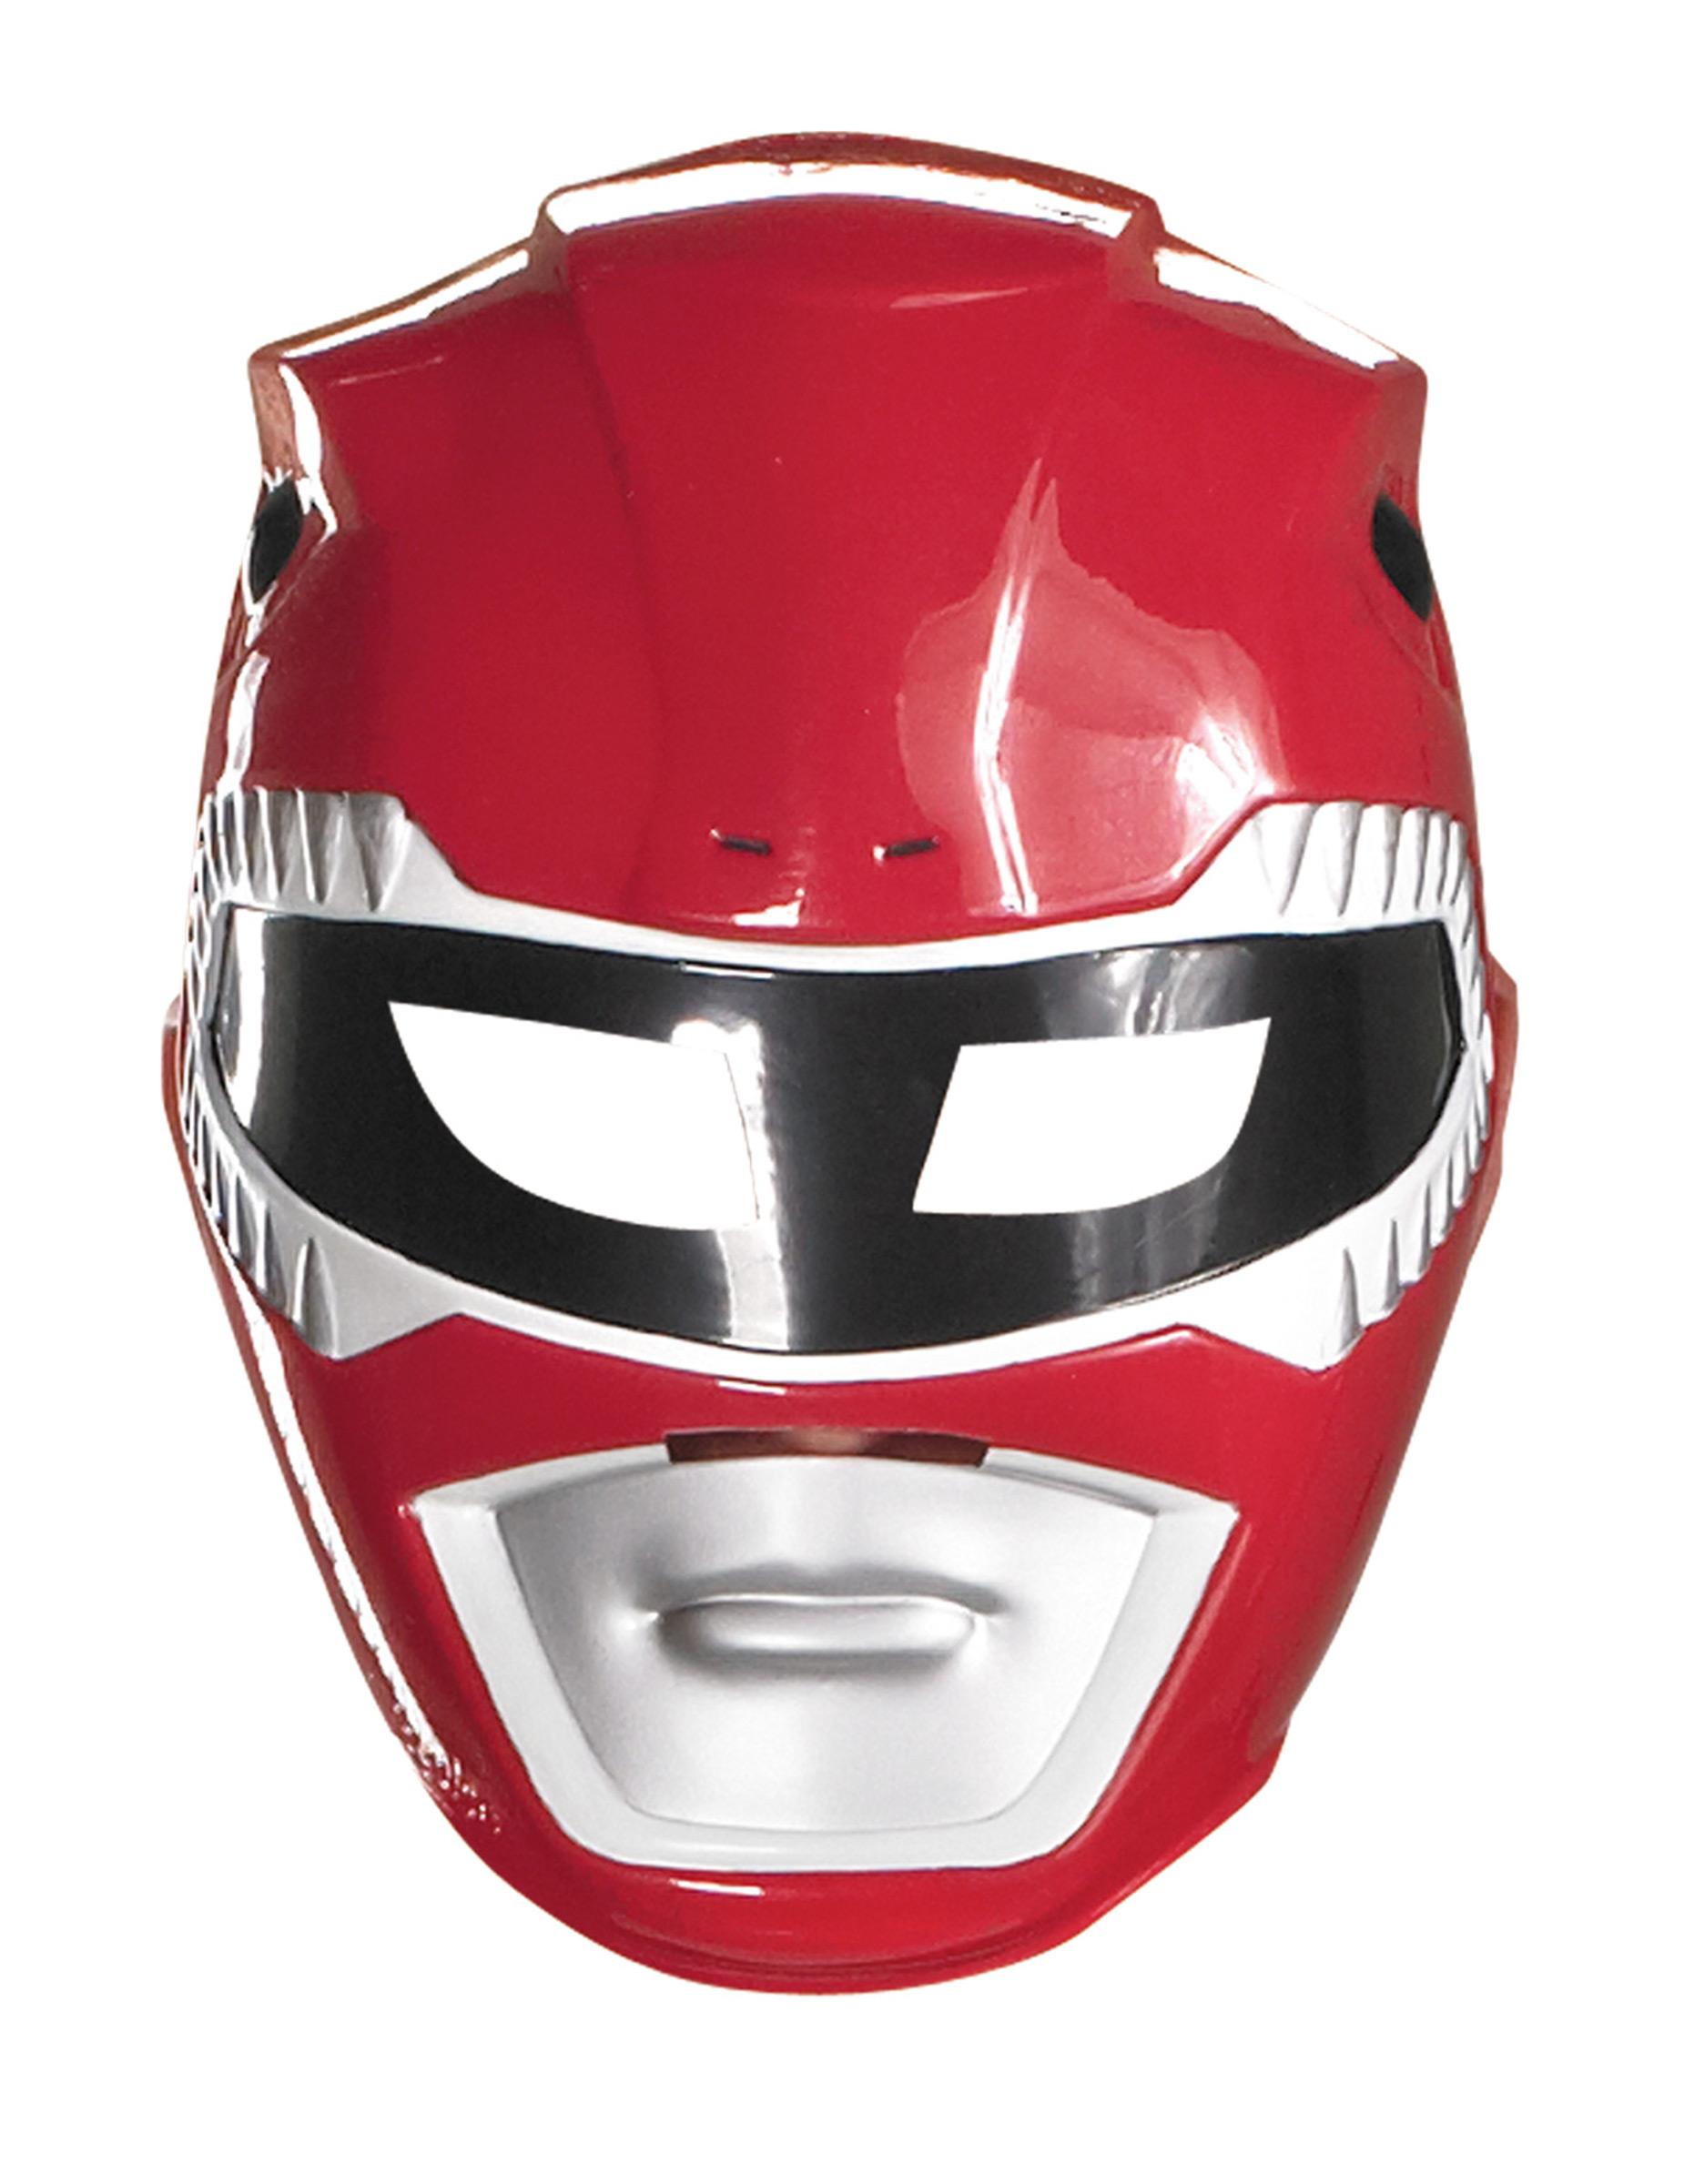 Maschera Power Rangers rossa da